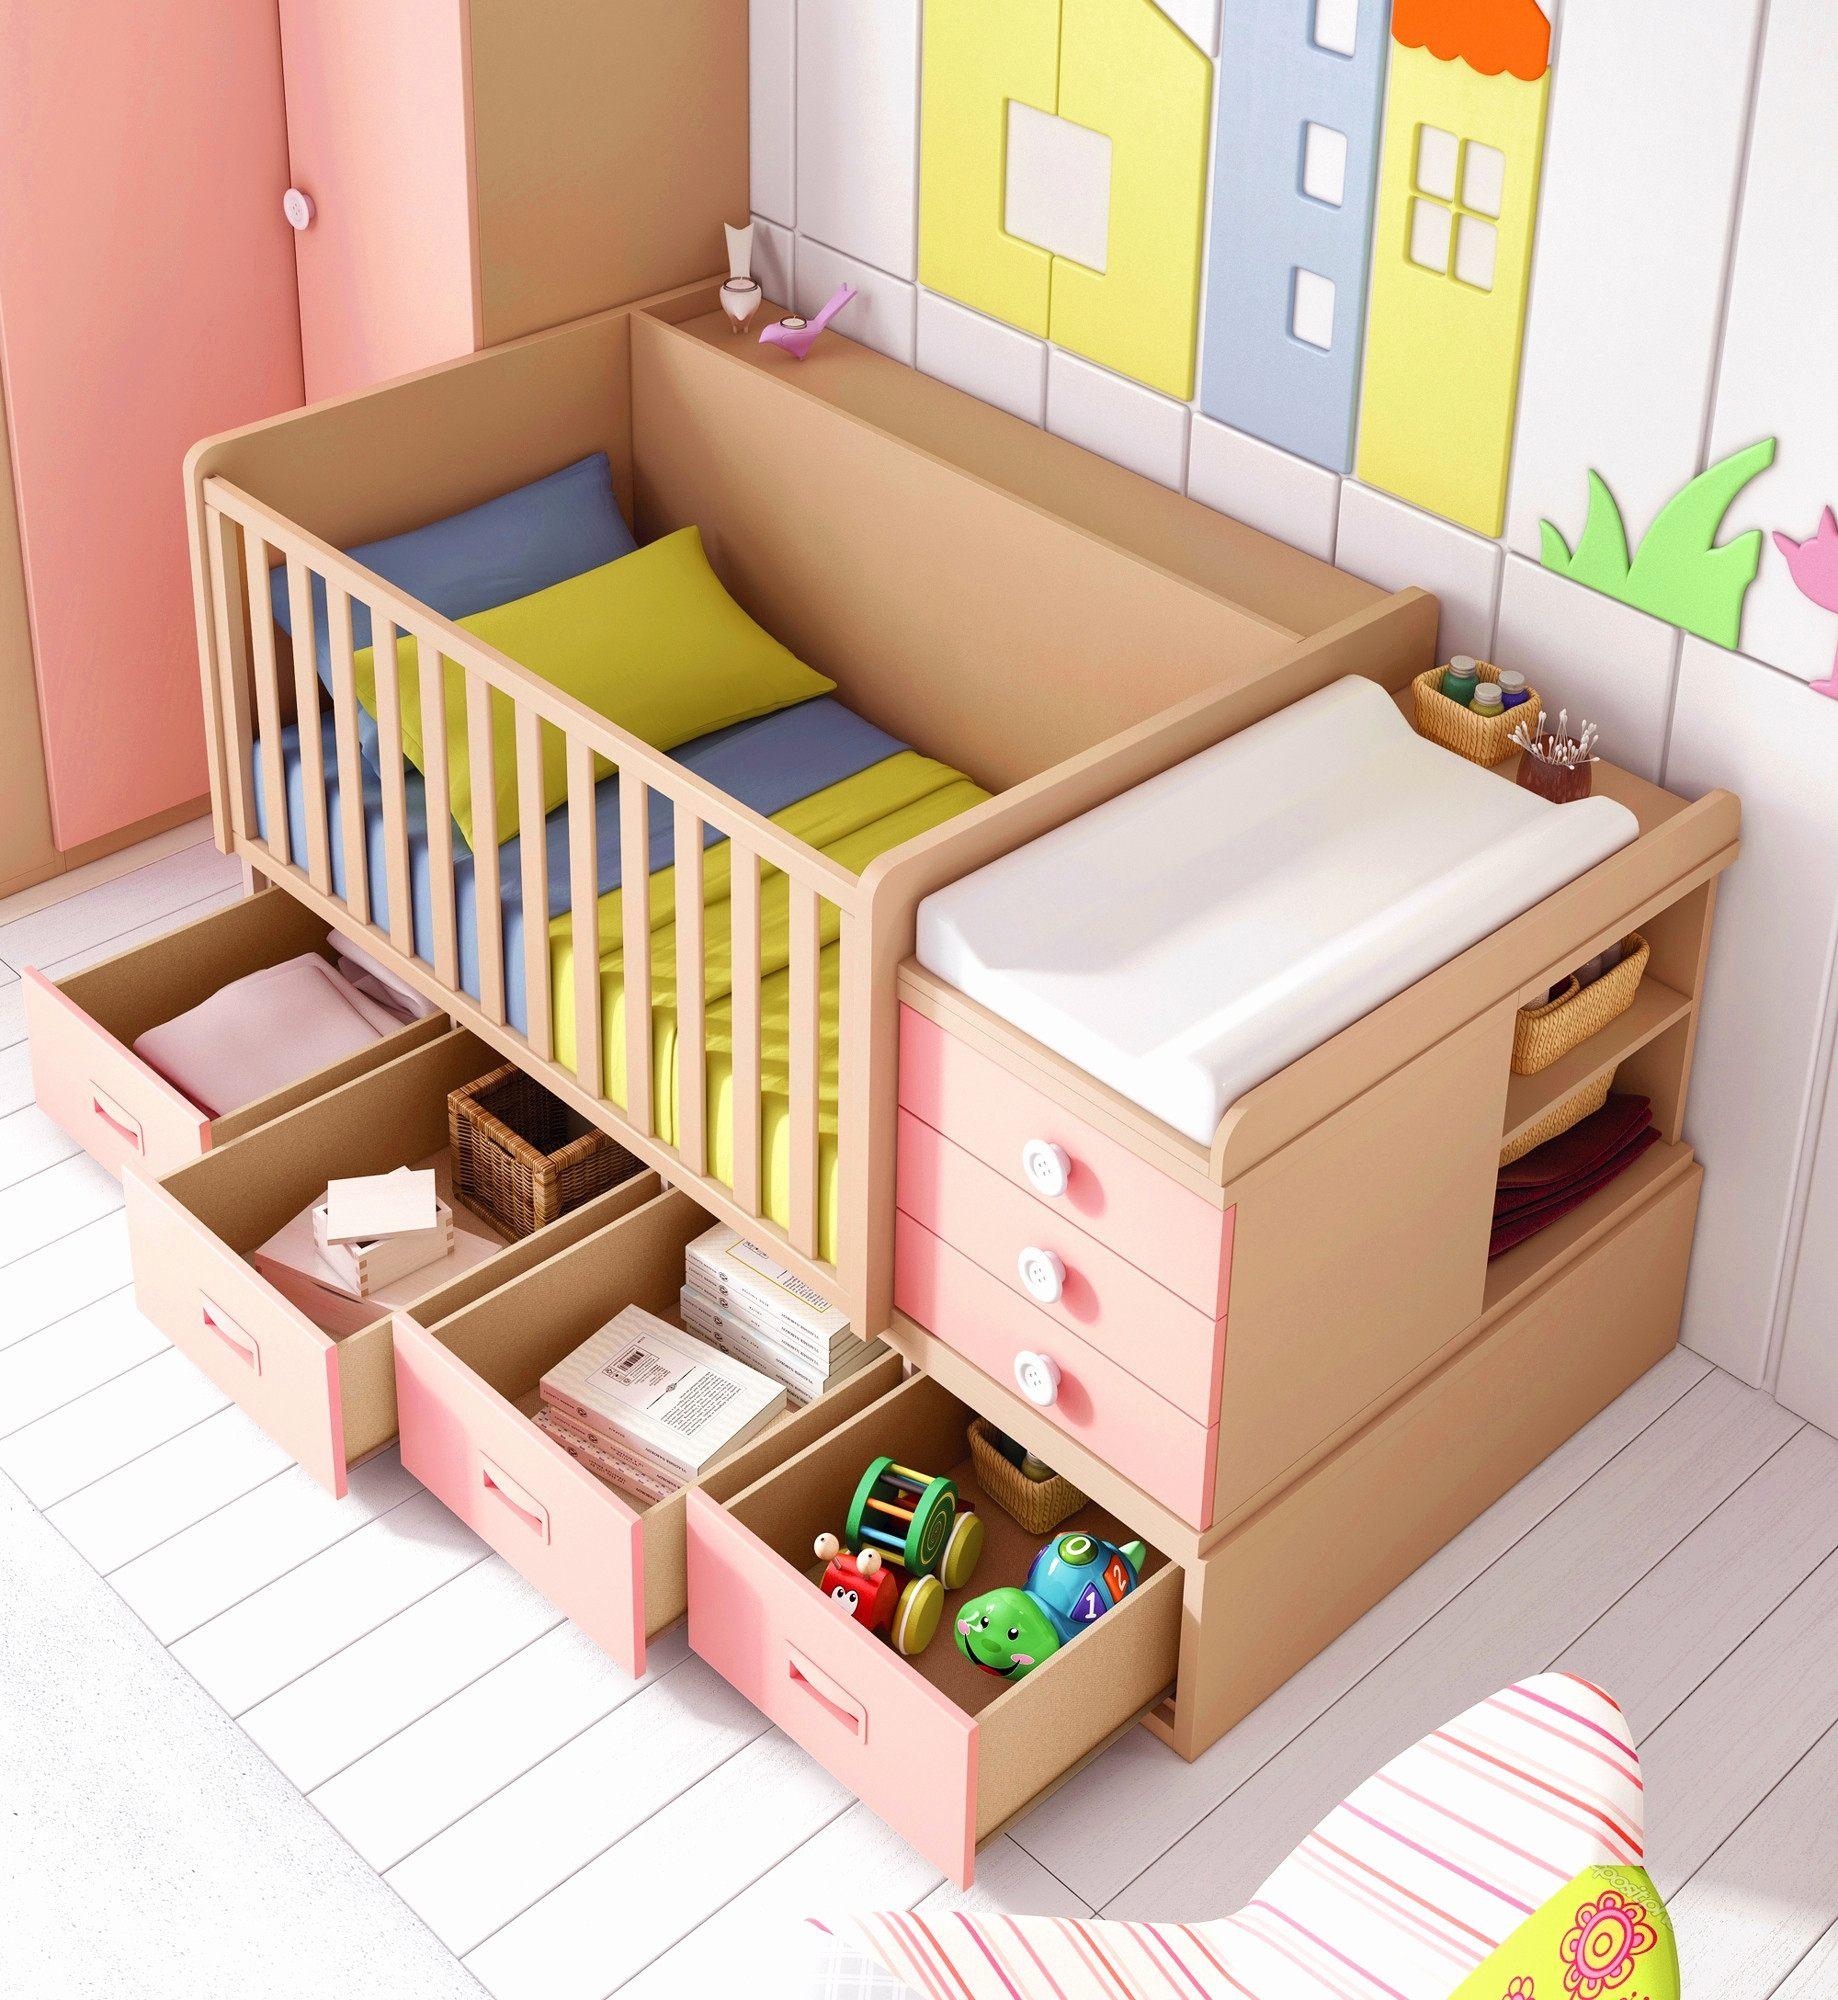 Meilleur Lit Pour Bébé Support Pour Baignoire Bébé Elegant Mode Bébé